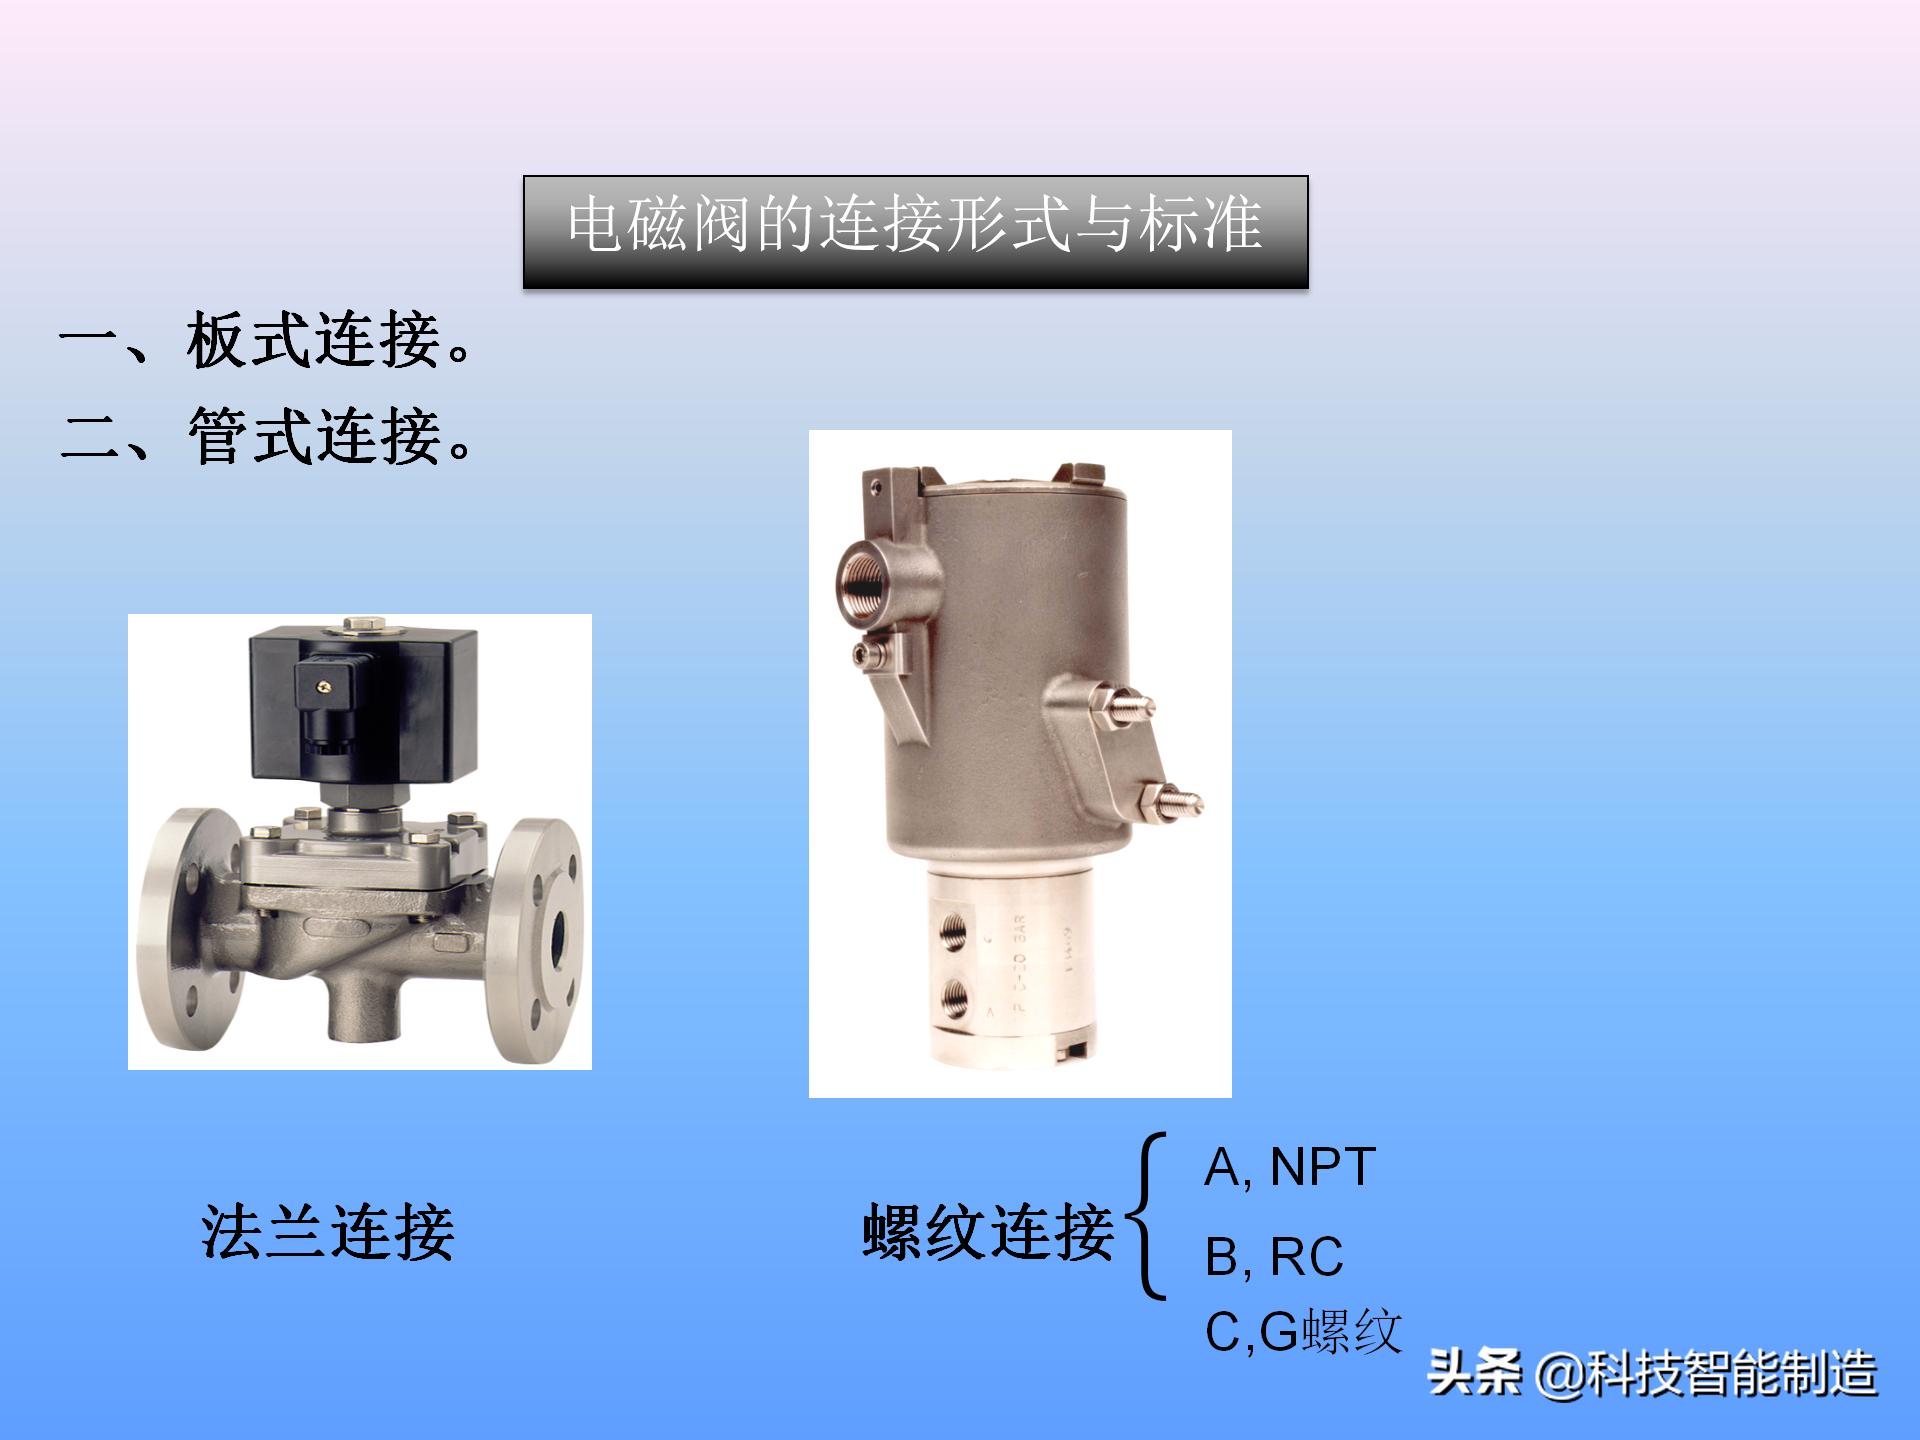 什么是电磁阀,电磁阀的工作原理及应用,电磁阀分类